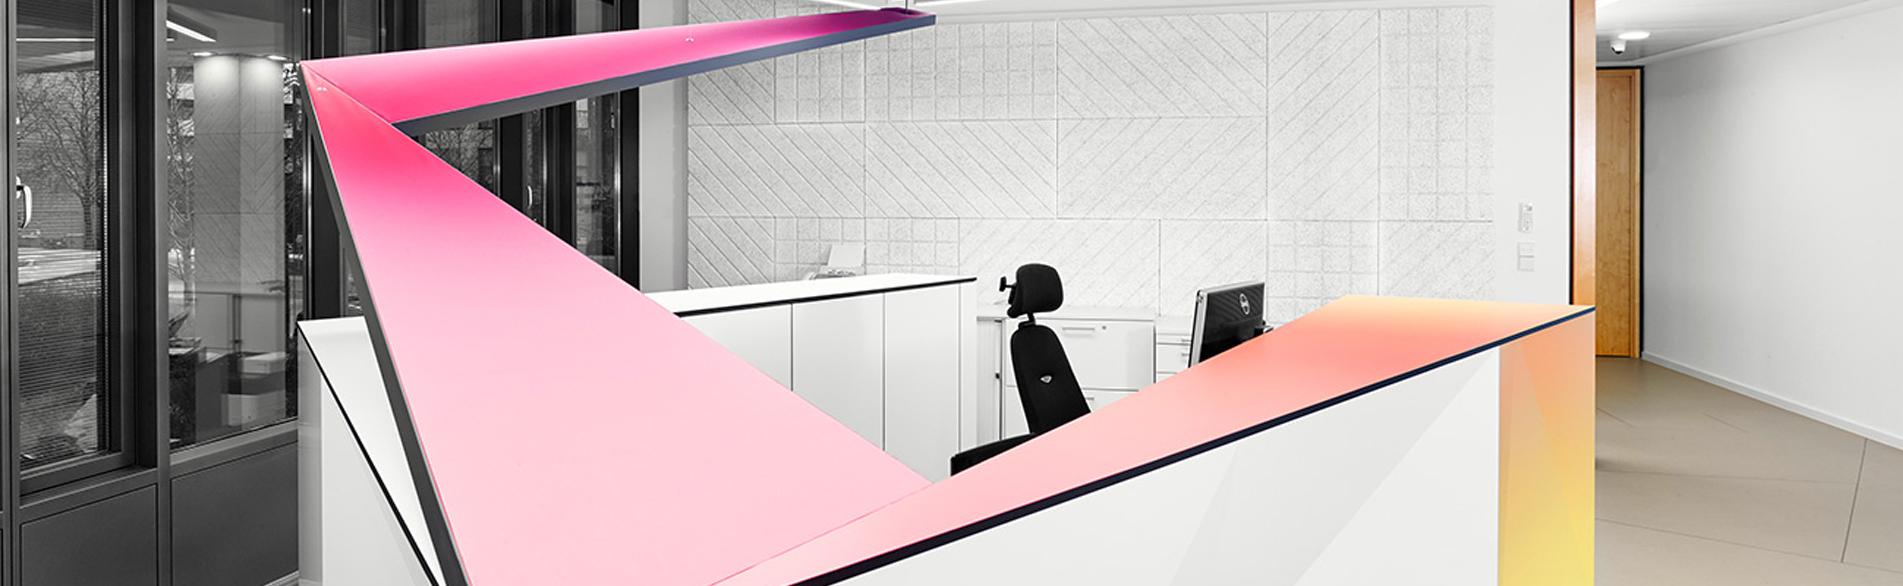 JetBrains, Germany - Gallery (3)